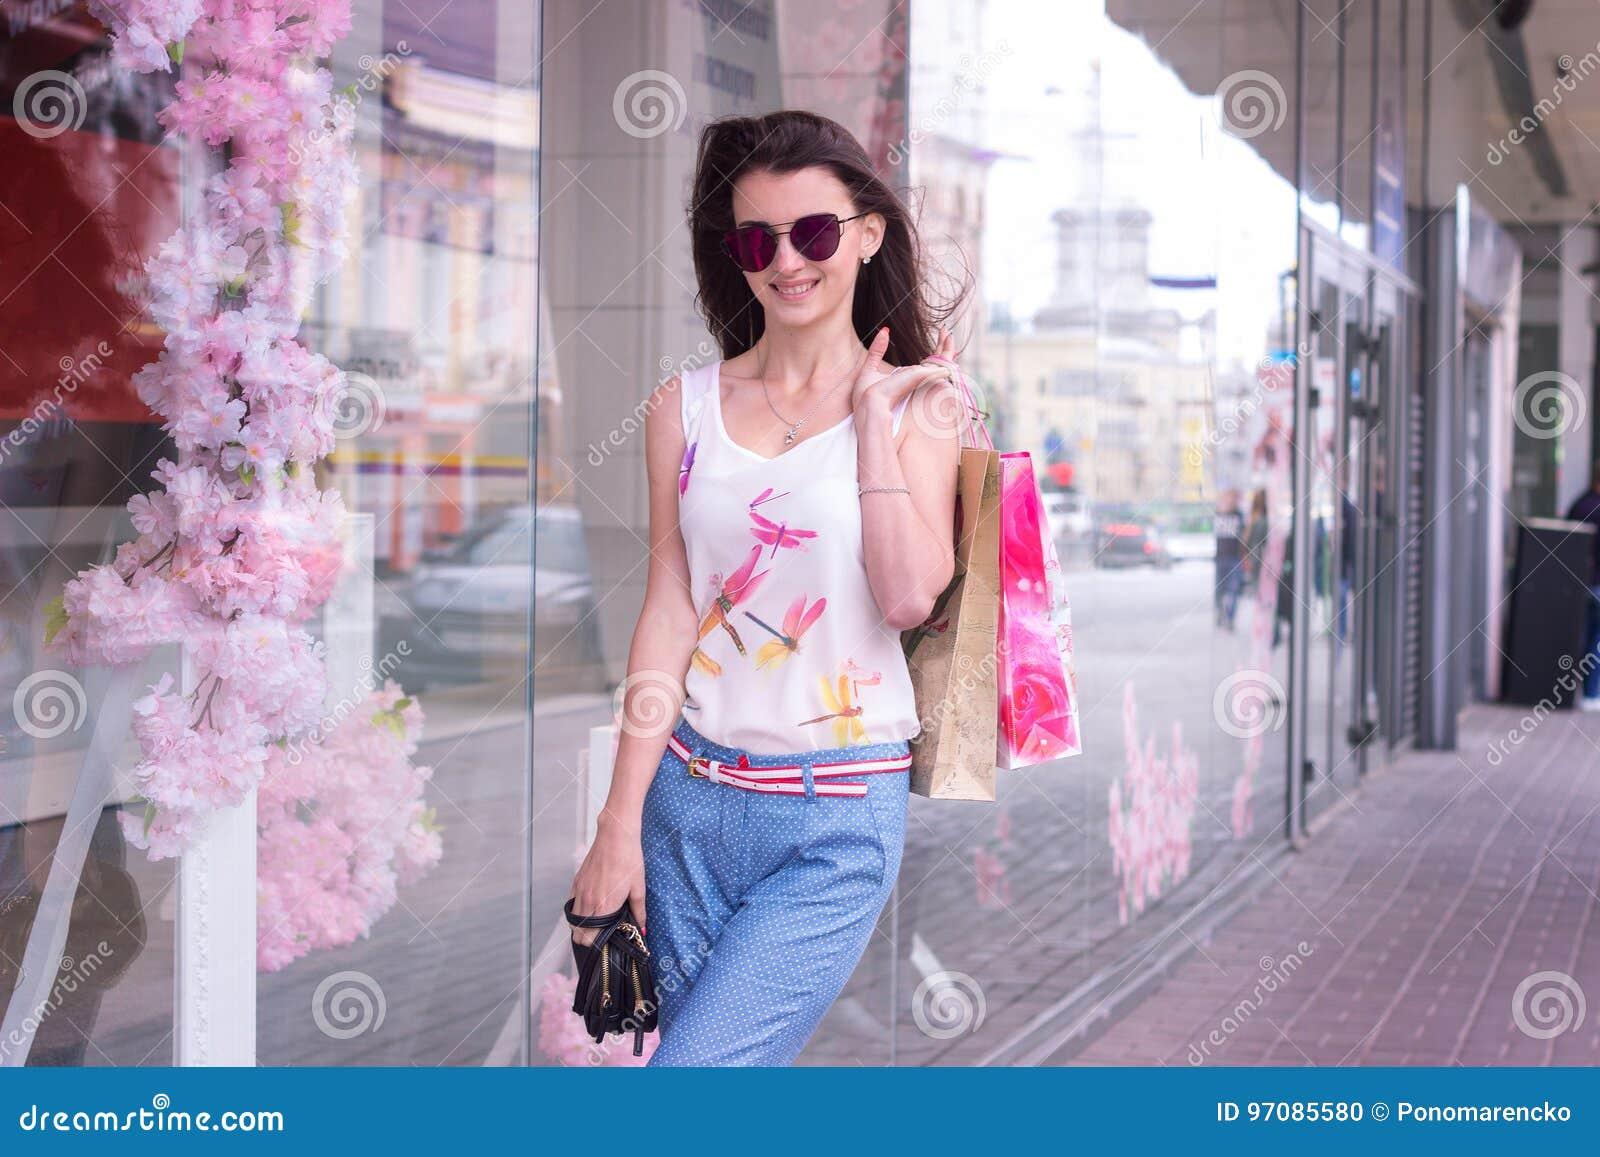 时尚美丽的妇女在玻璃和包裹的城市四处走动